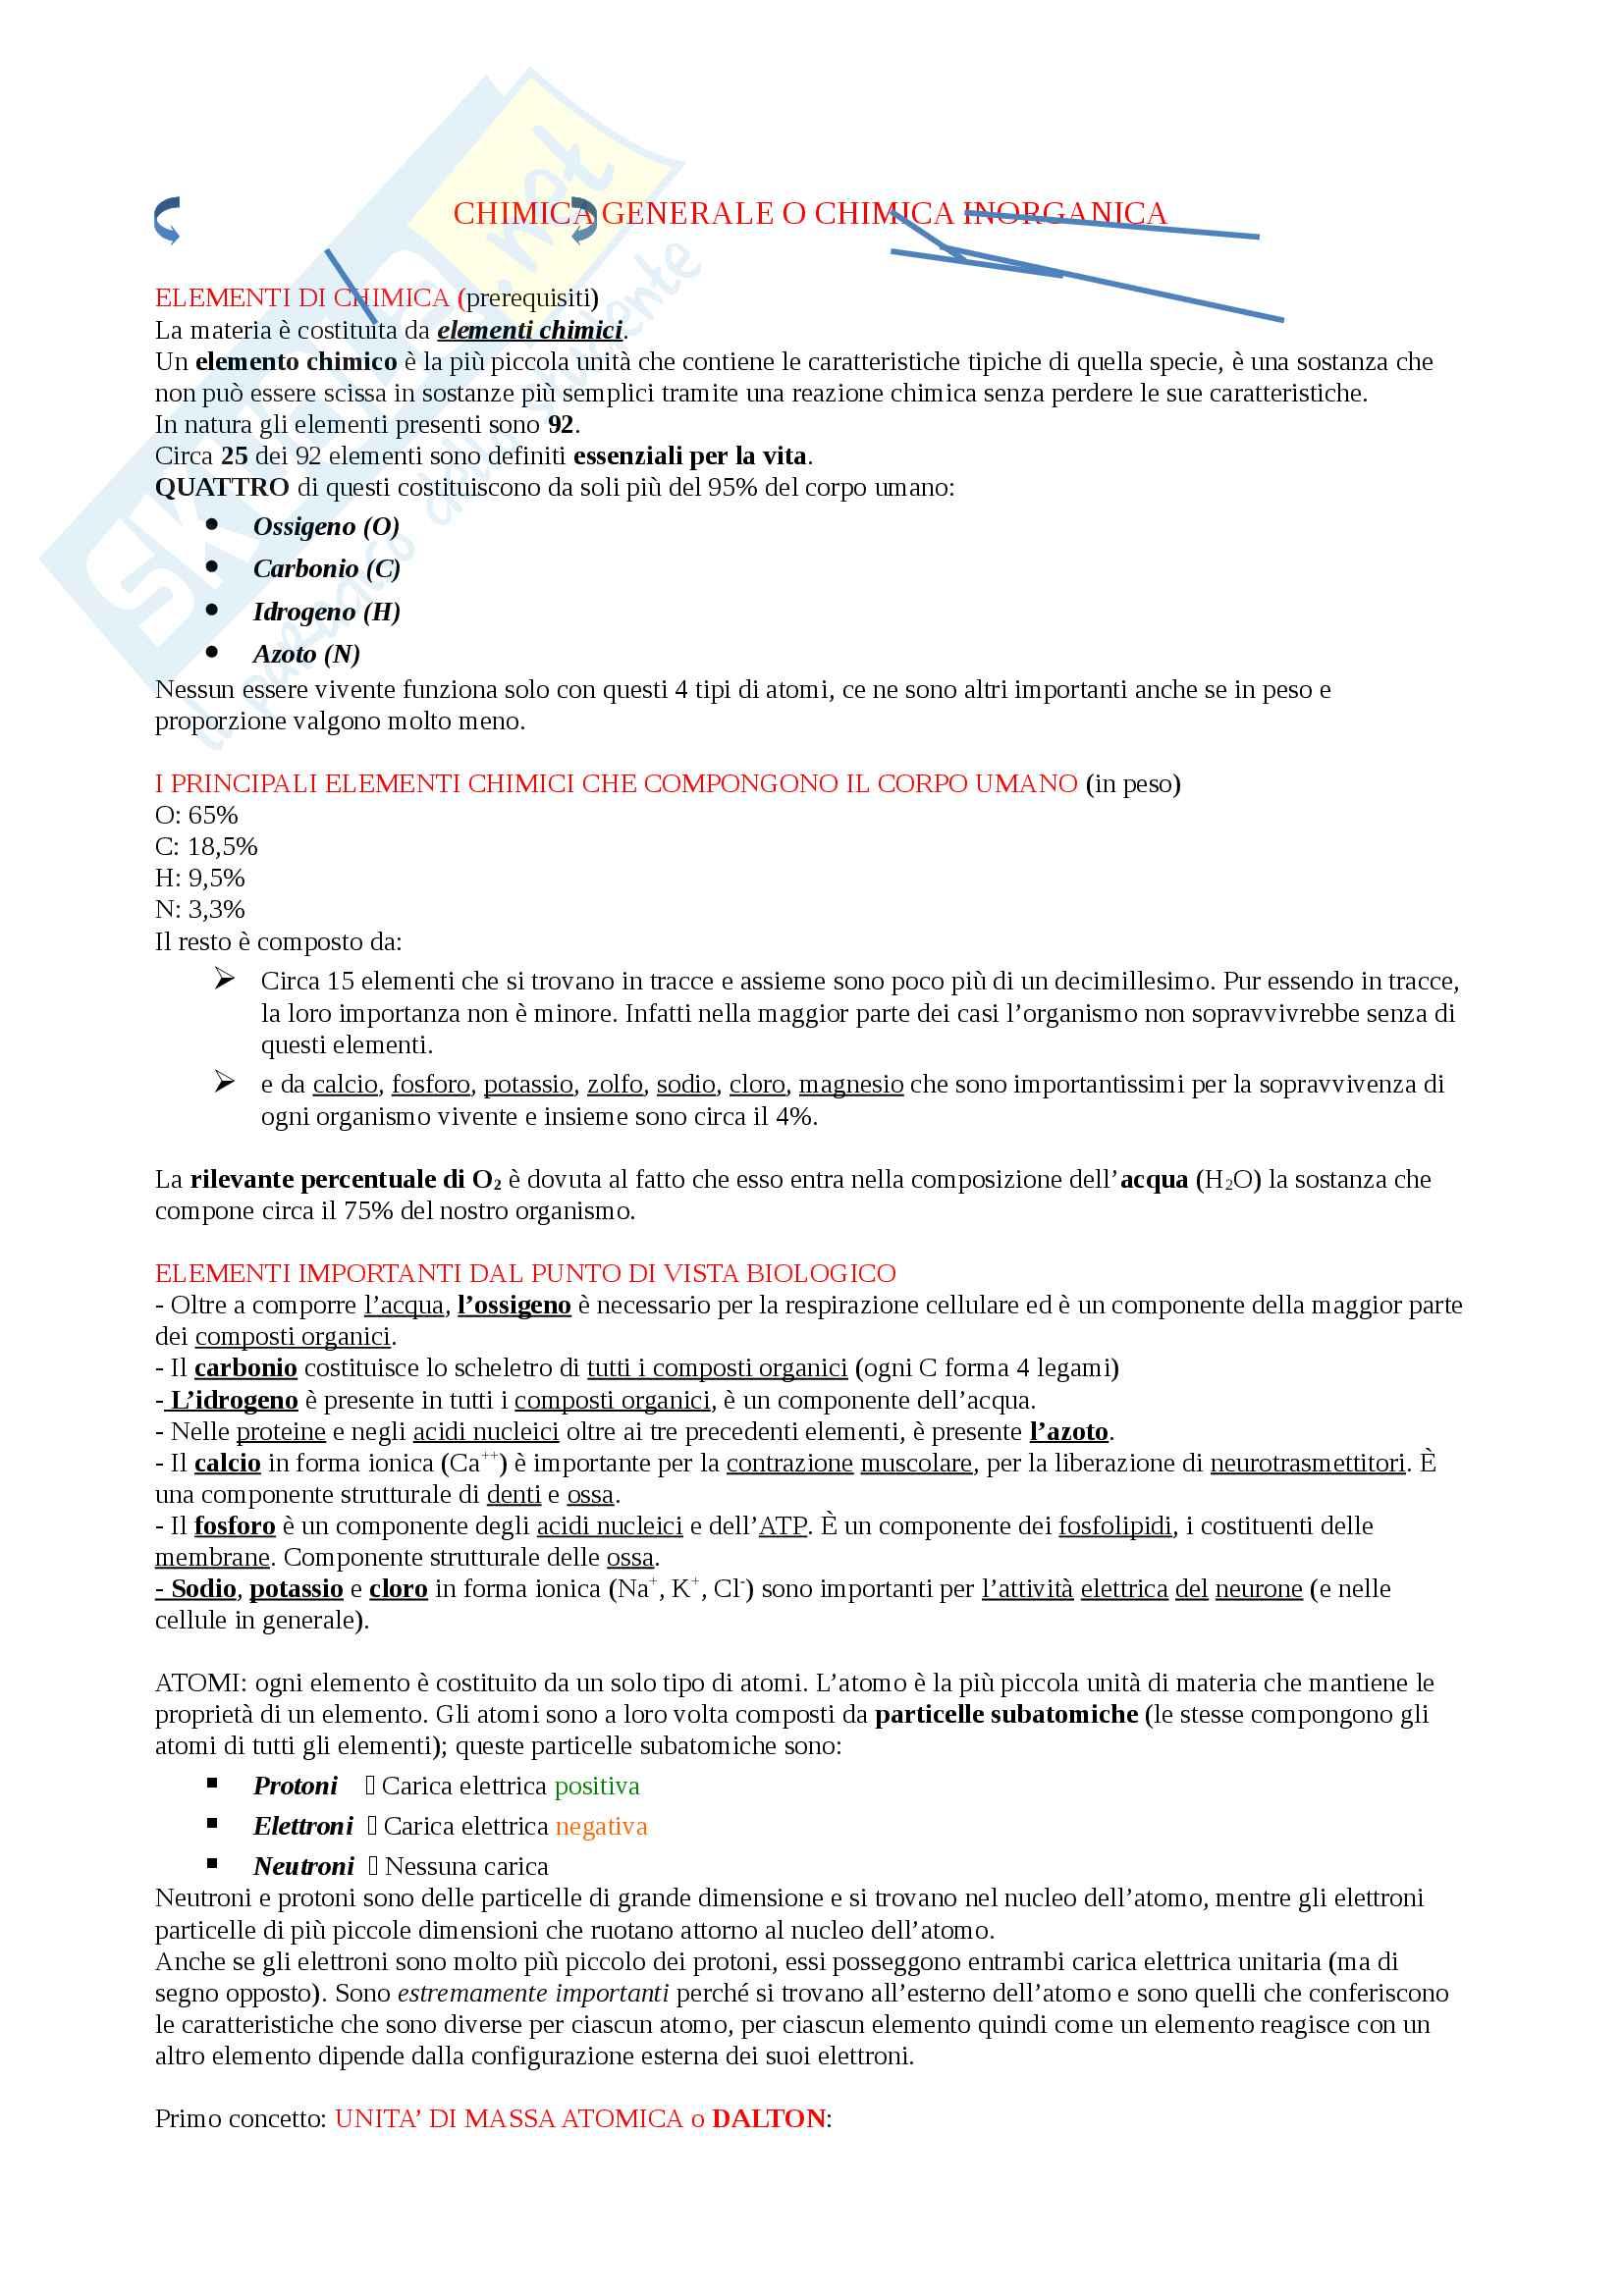 Appunti Biologia-Chimica per superare OFA!! Utile anche per superare il Test d'ingresso